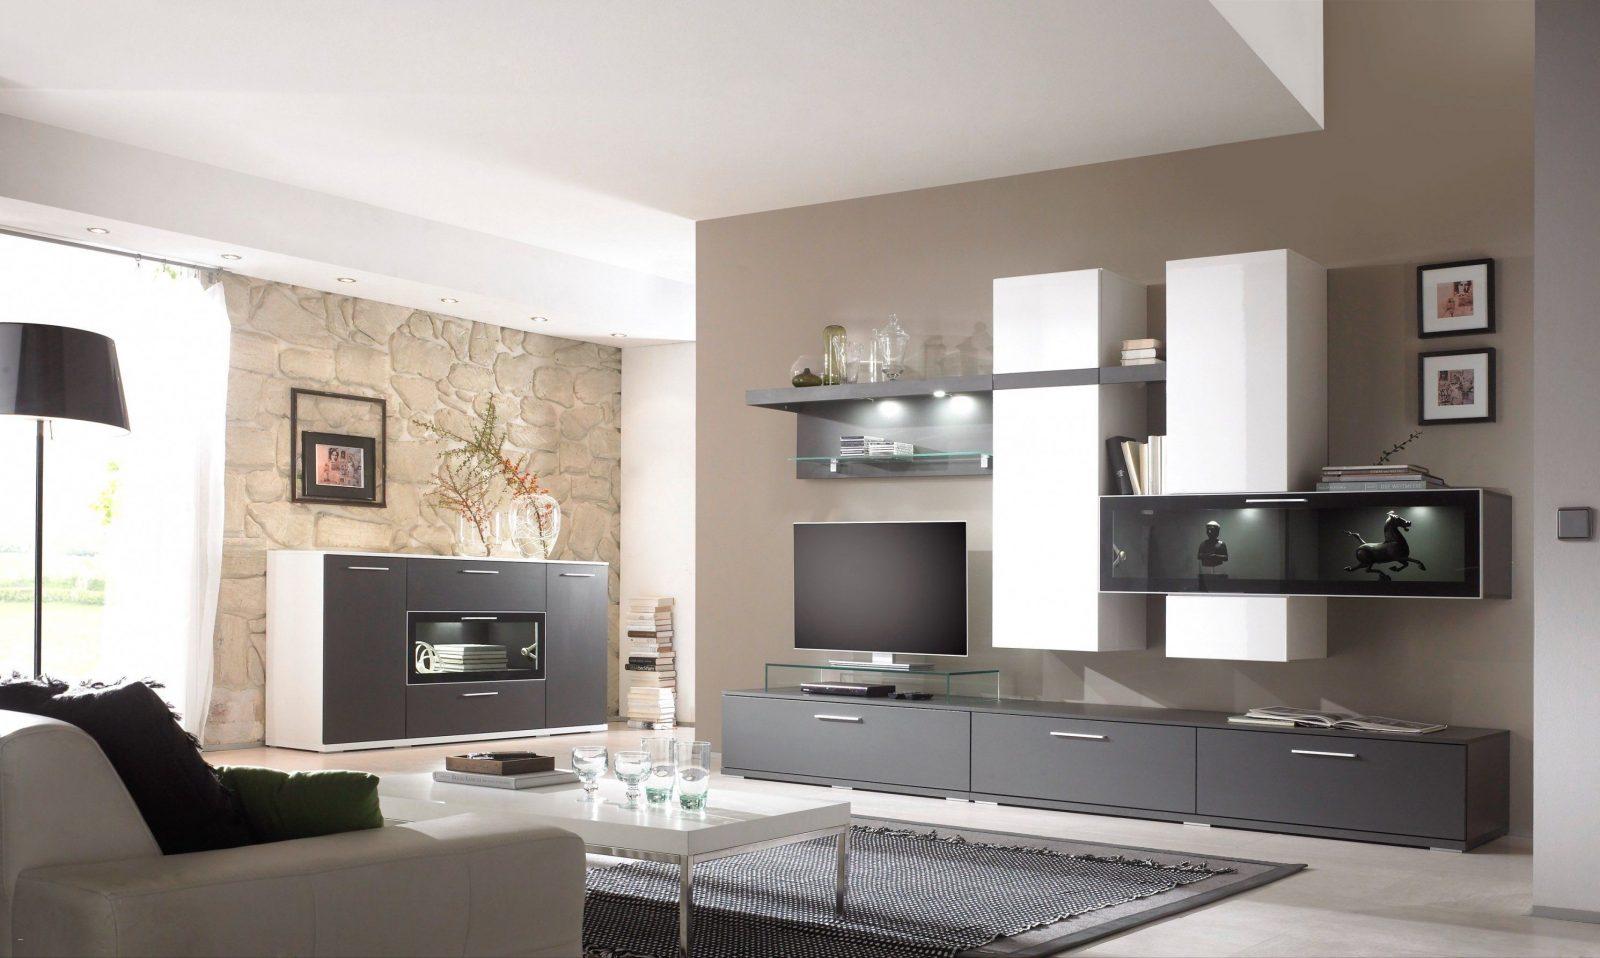 faszinierend haus inspirationen zu ideen wohnzimmer streichen muster von wohnzimmer w nde. Black Bedroom Furniture Sets. Home Design Ideas